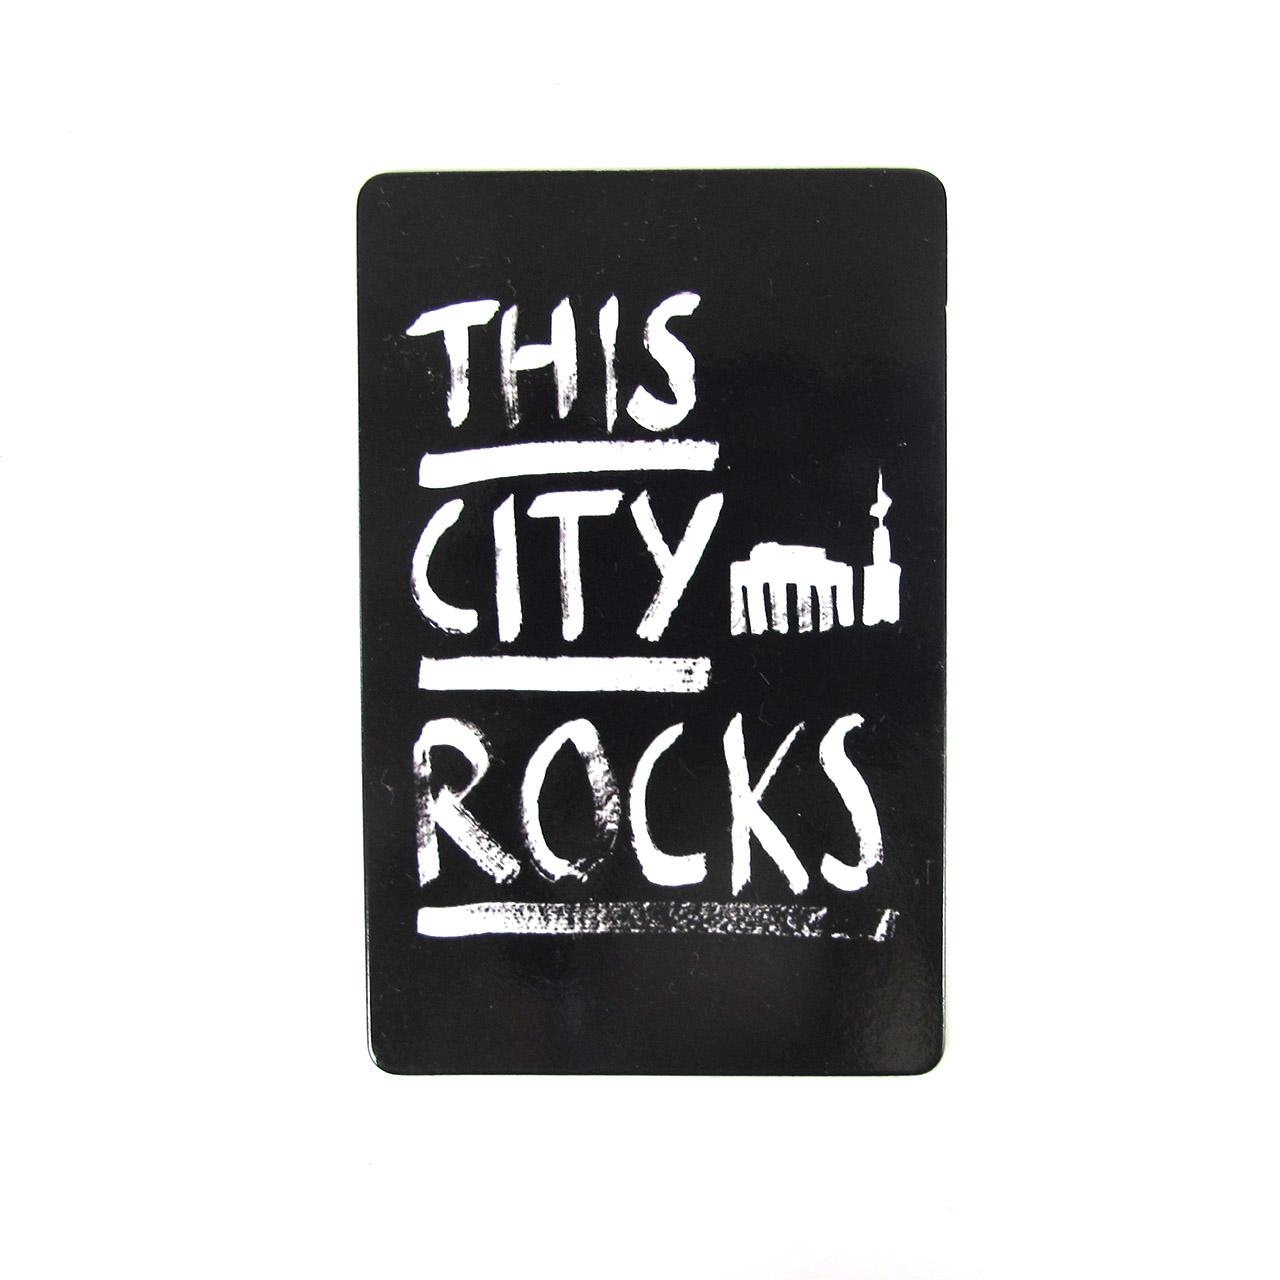 Berlinmagnet This City Rocks groß schwarz